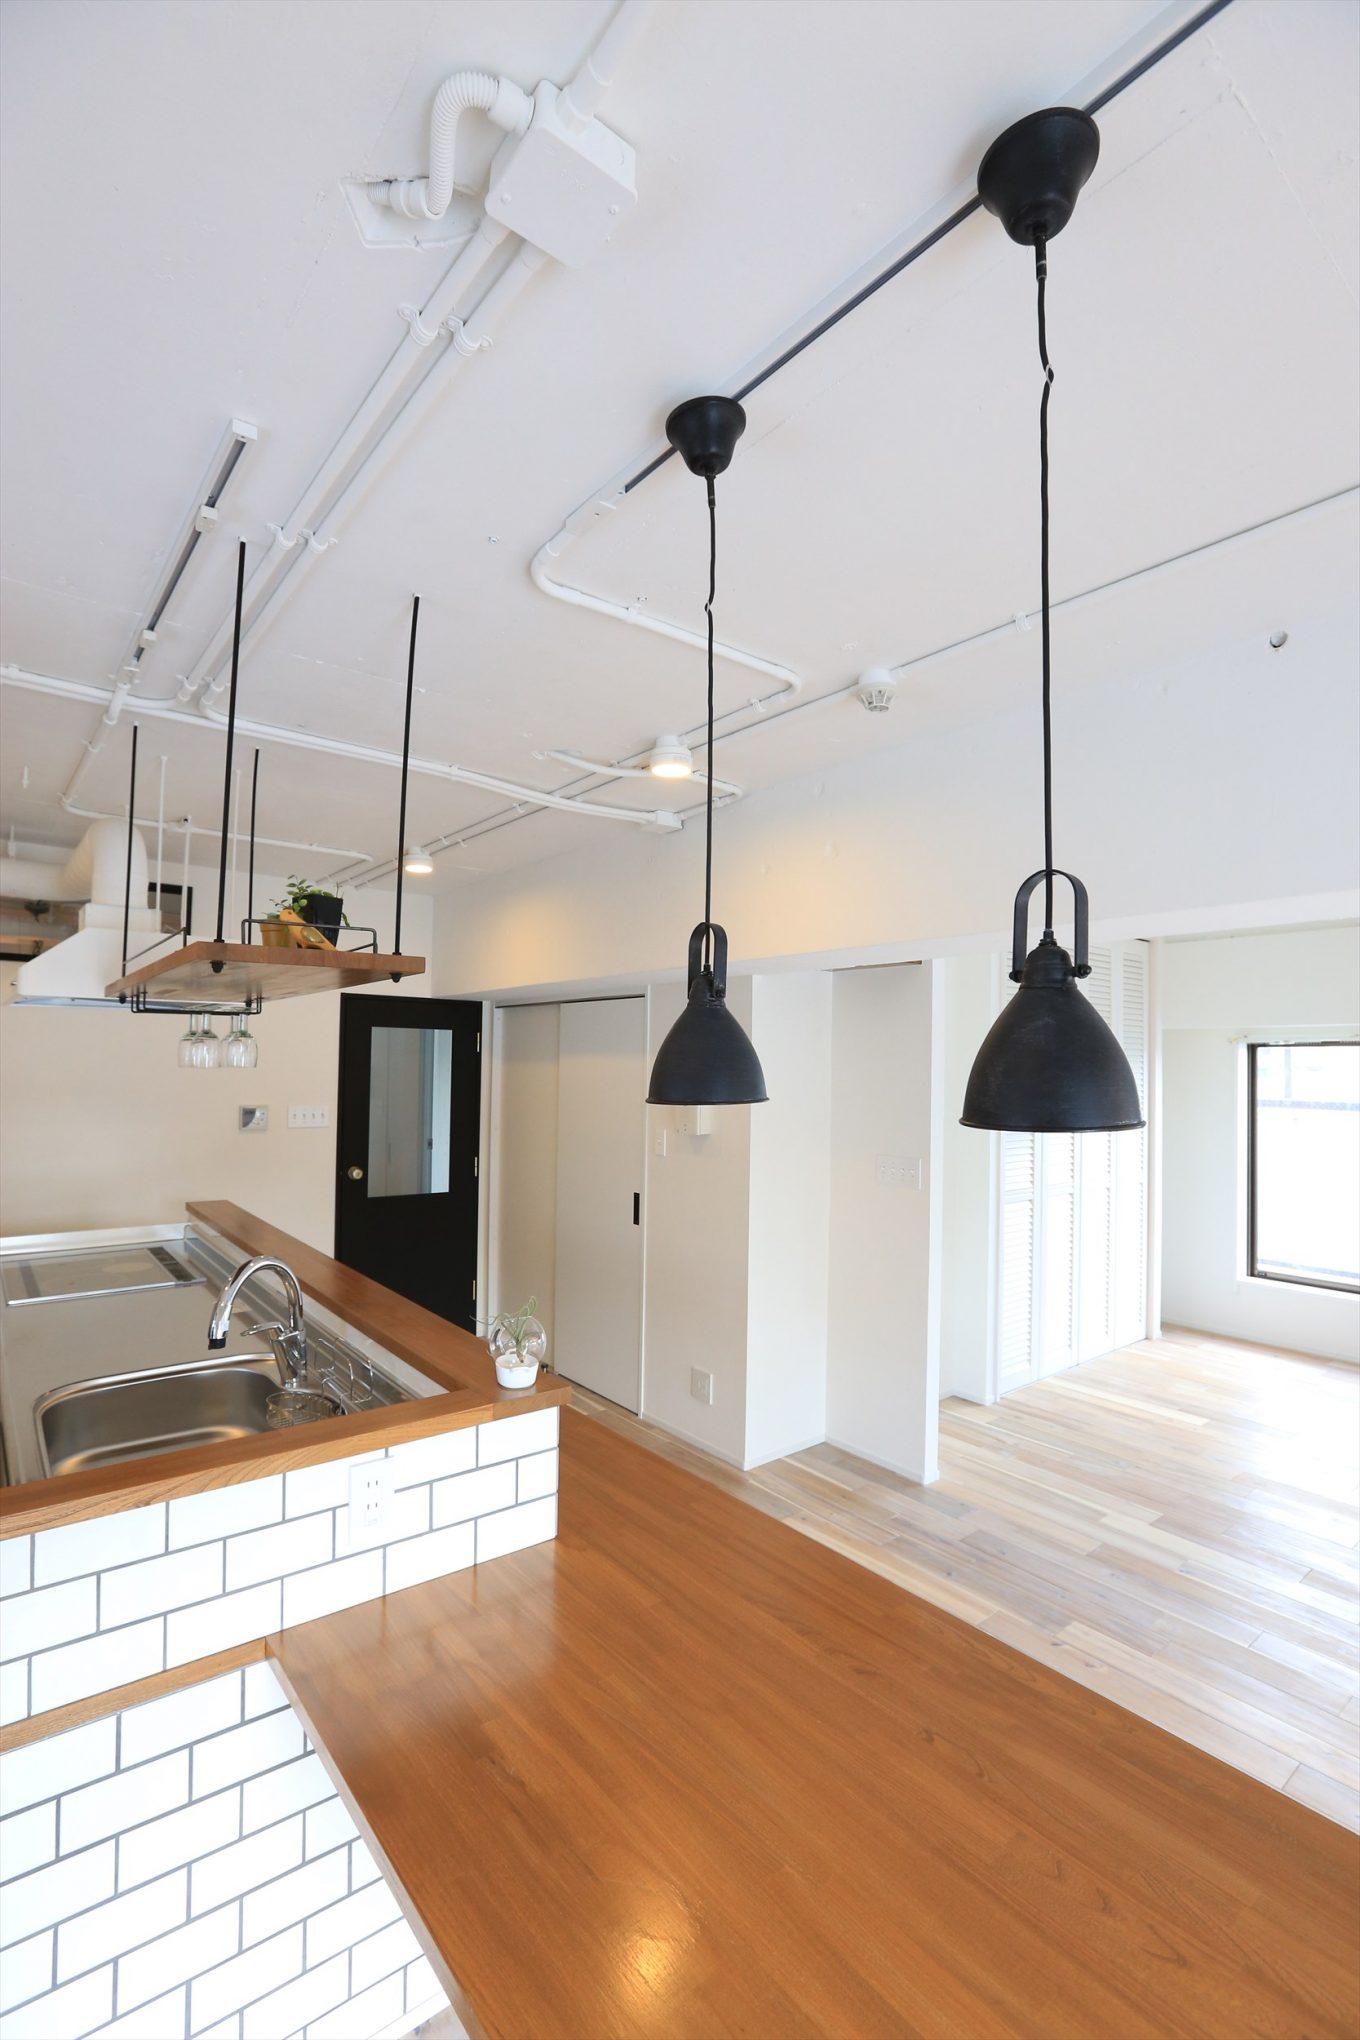 サブウェイタイルでデザインしたキッチンとダイニングて0ブルの導線